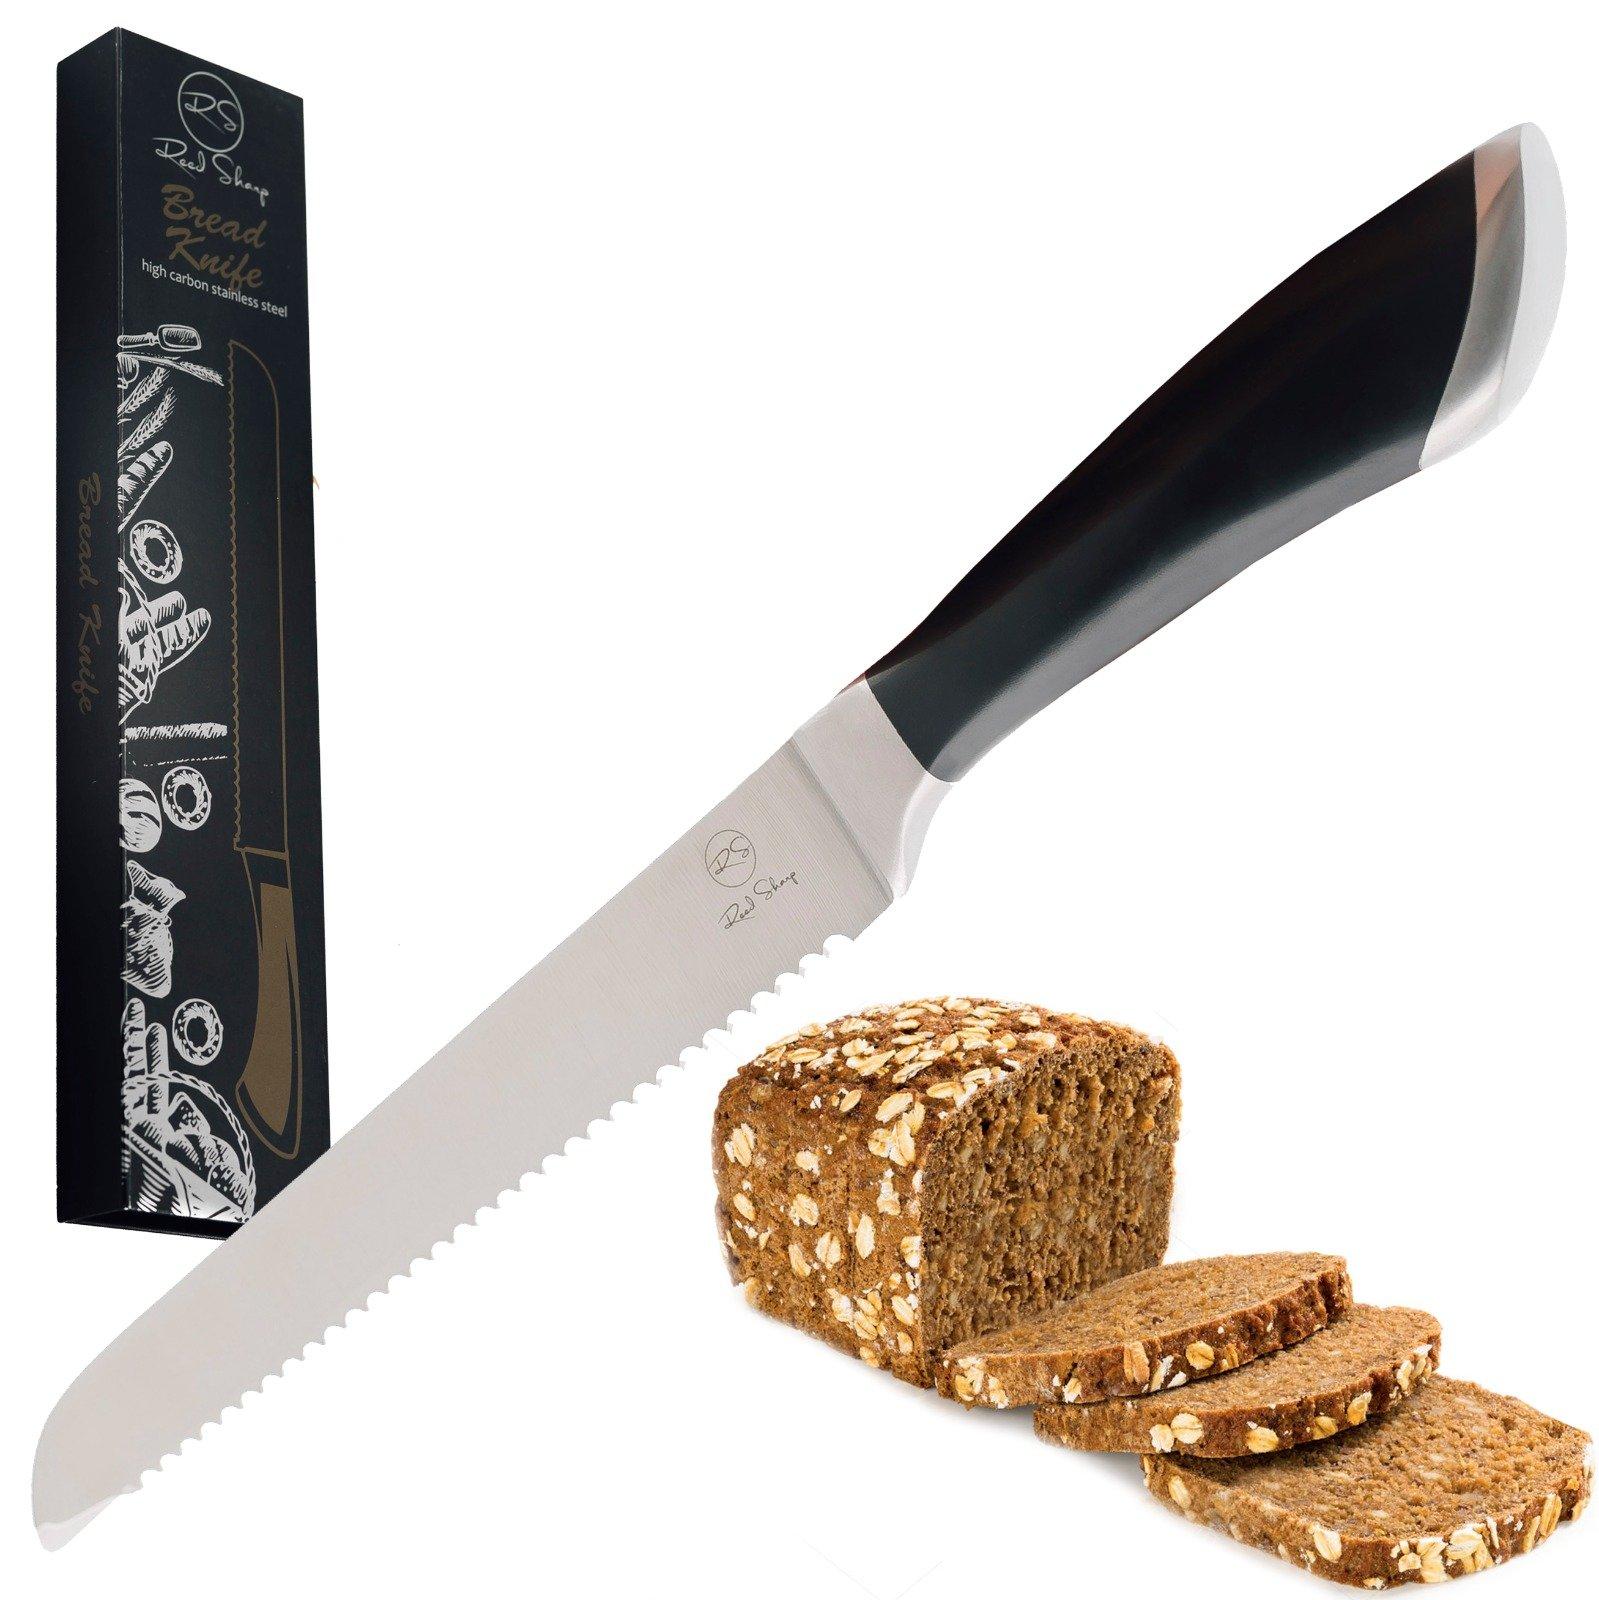 Serrated Bread Knife 8 inch :: Bread Slicer Knife :: Bread Knife, for crusty and crusted Bread:: Serrated Knife, for pastry :: Best Bread Knife, German Stainless Steel Bread Knife :: by Reed Sharp